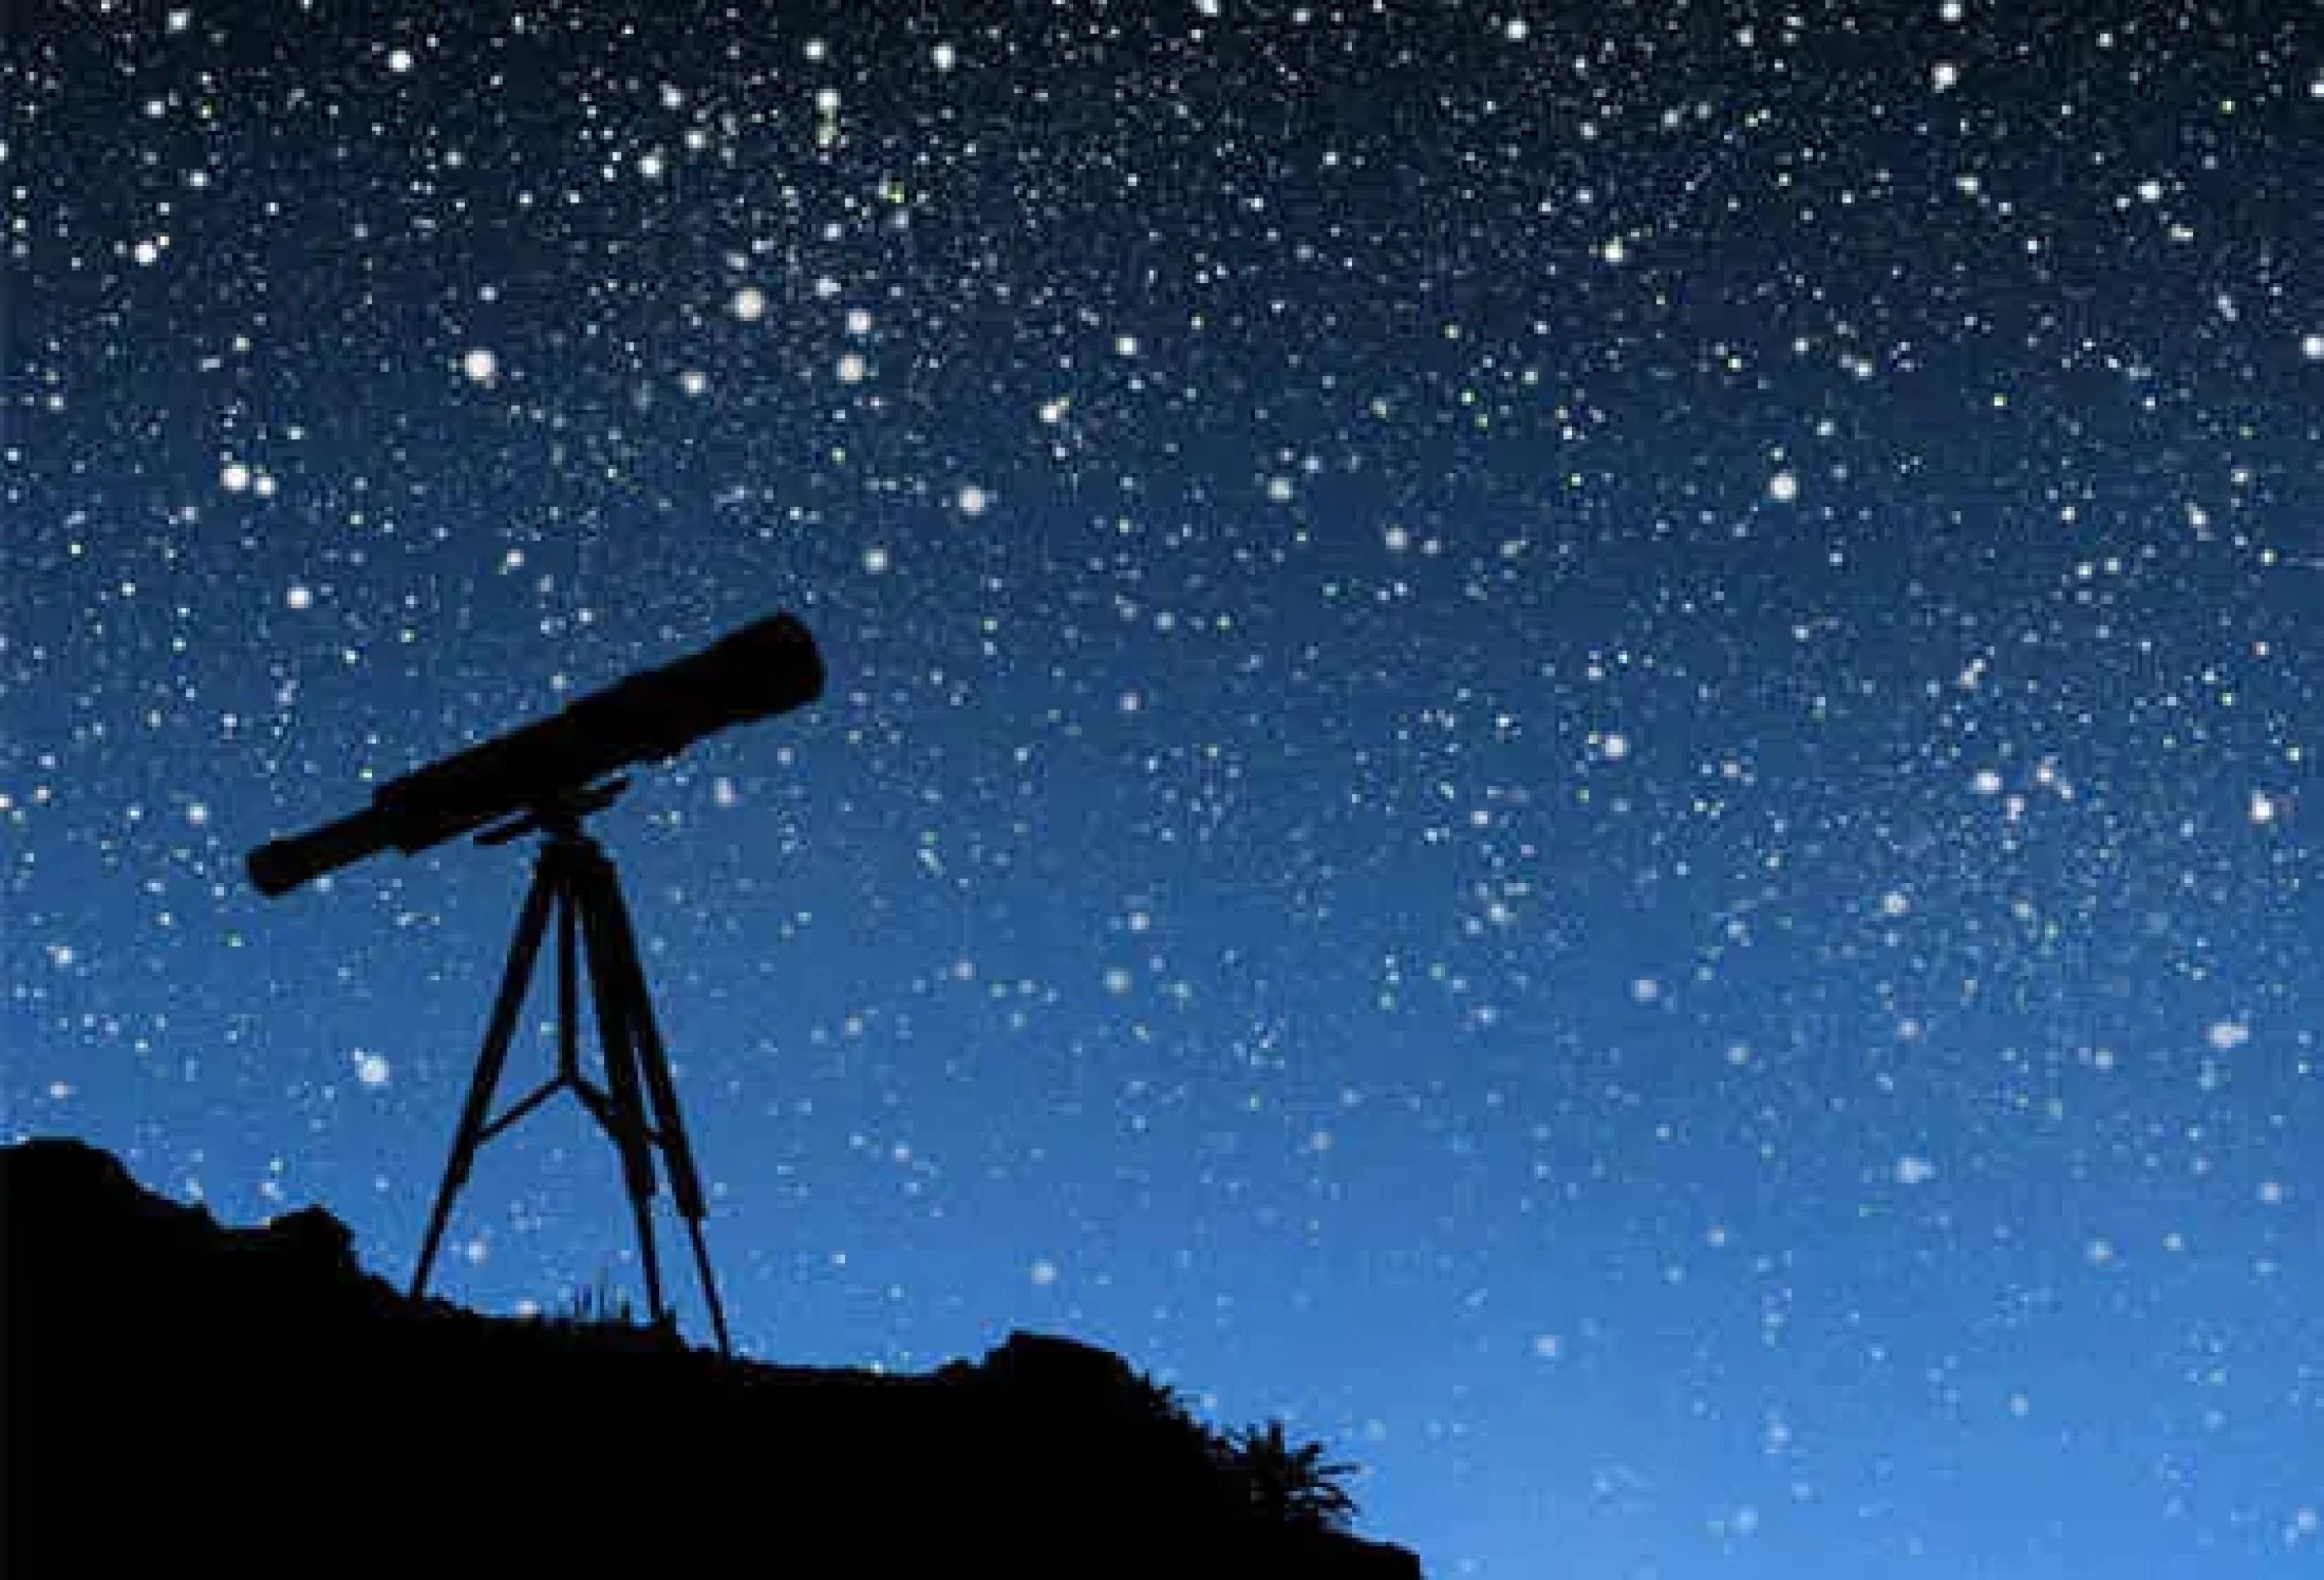 一束光经历13亿年来到地球,走了多少路,光源现在离我们多远?